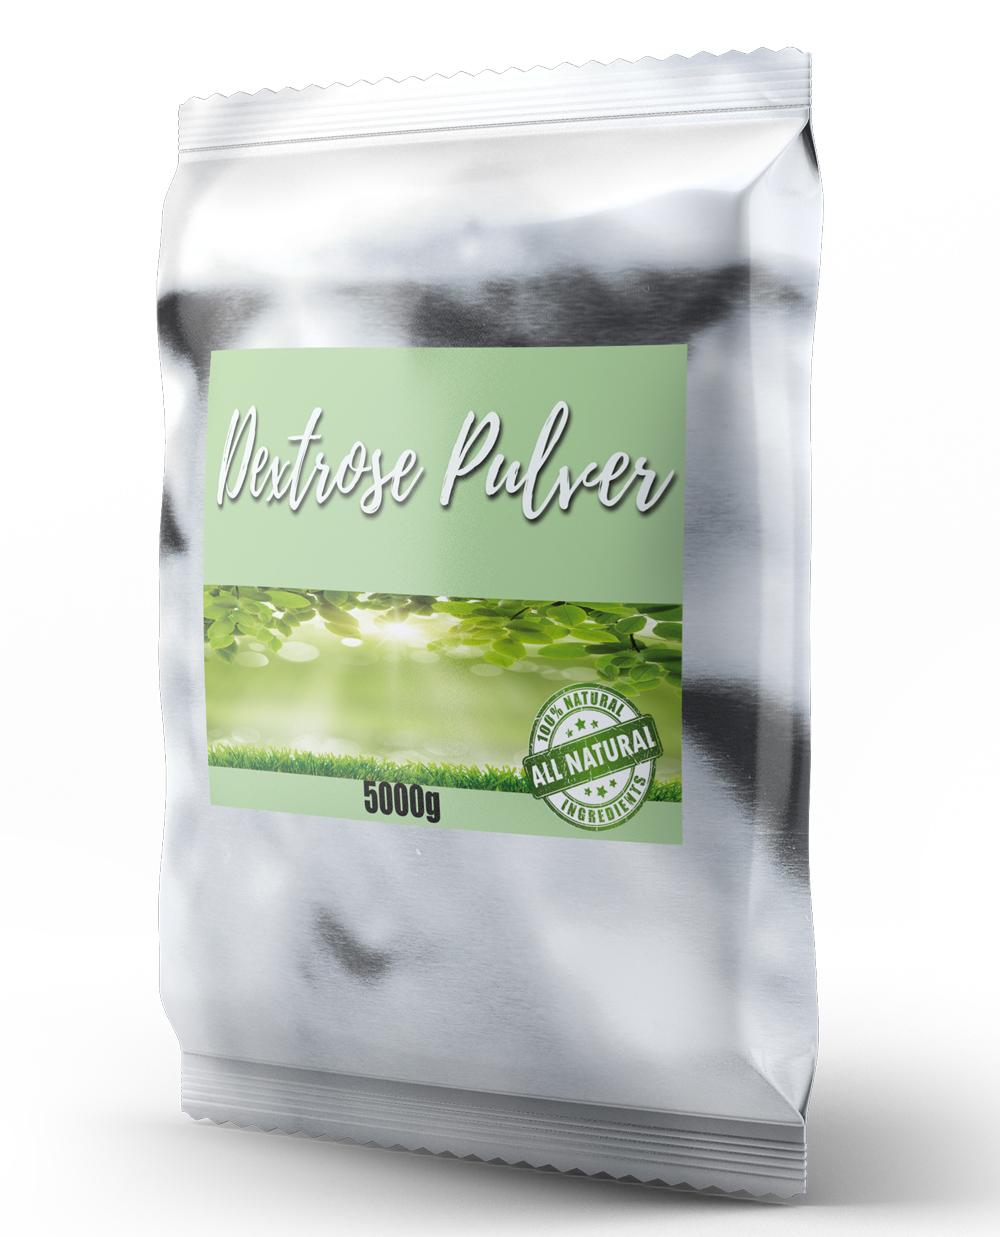 2,8€/kg Dextrose Pulver 5 Kg Qualitäts Traubenzucker 5000G Energie Energy Zucker